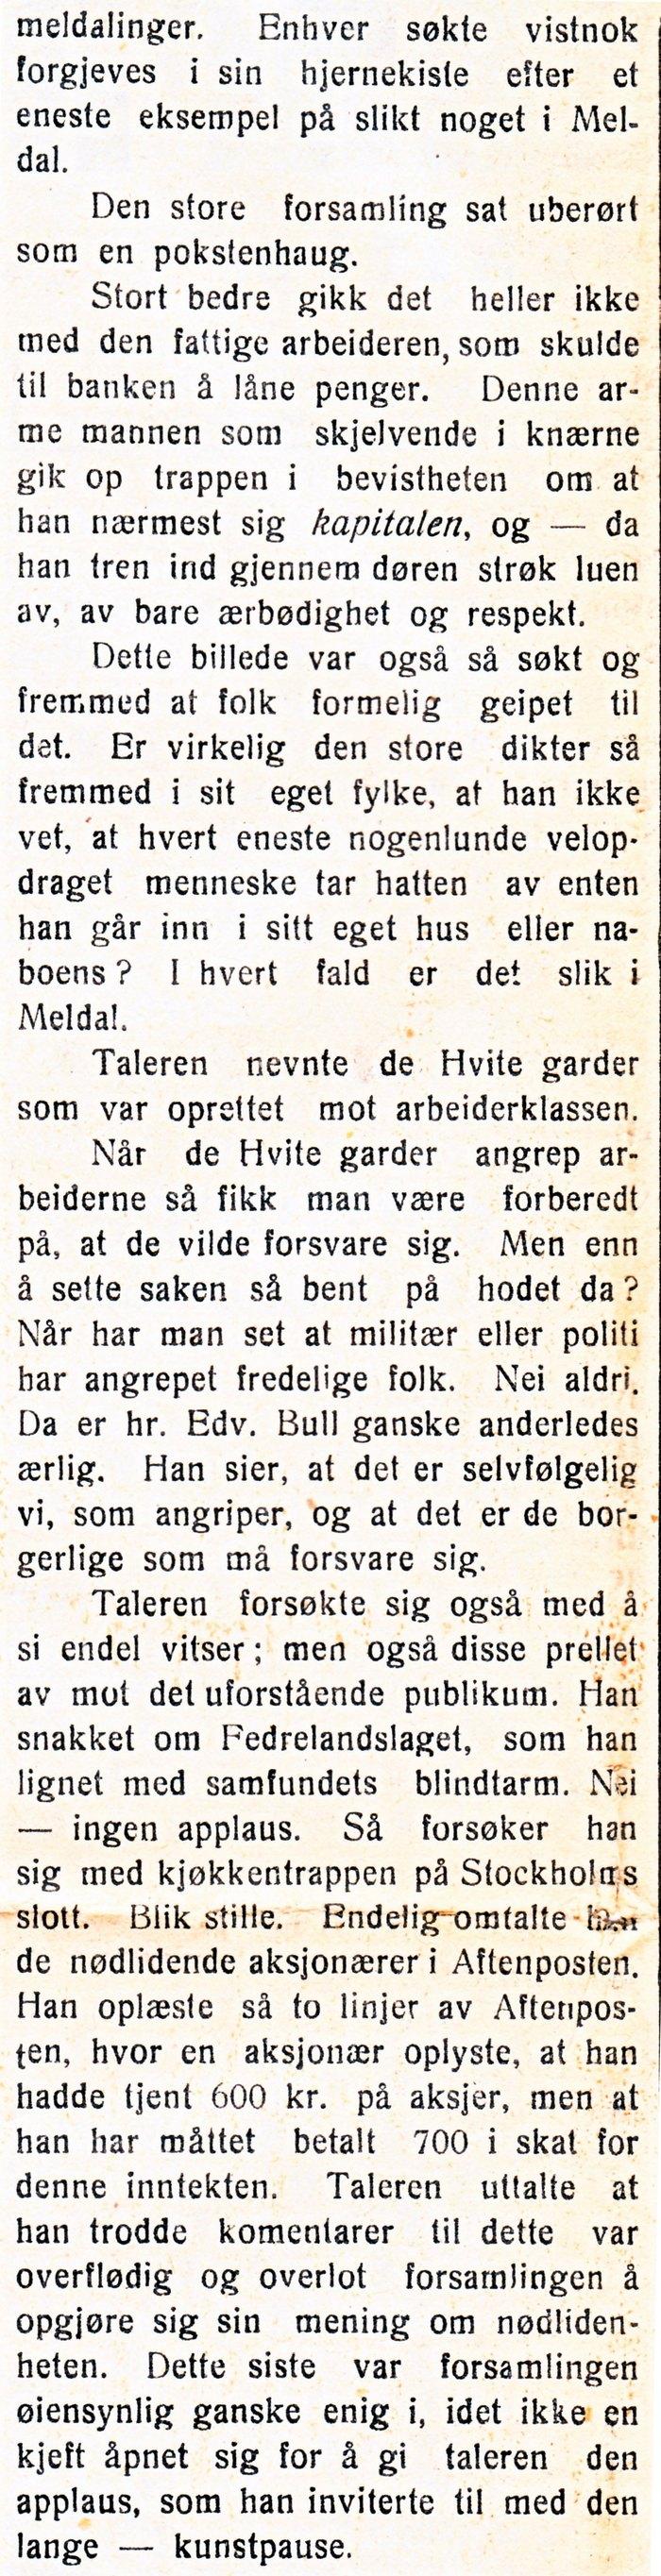 Falkberget 2_700x2729.jpg